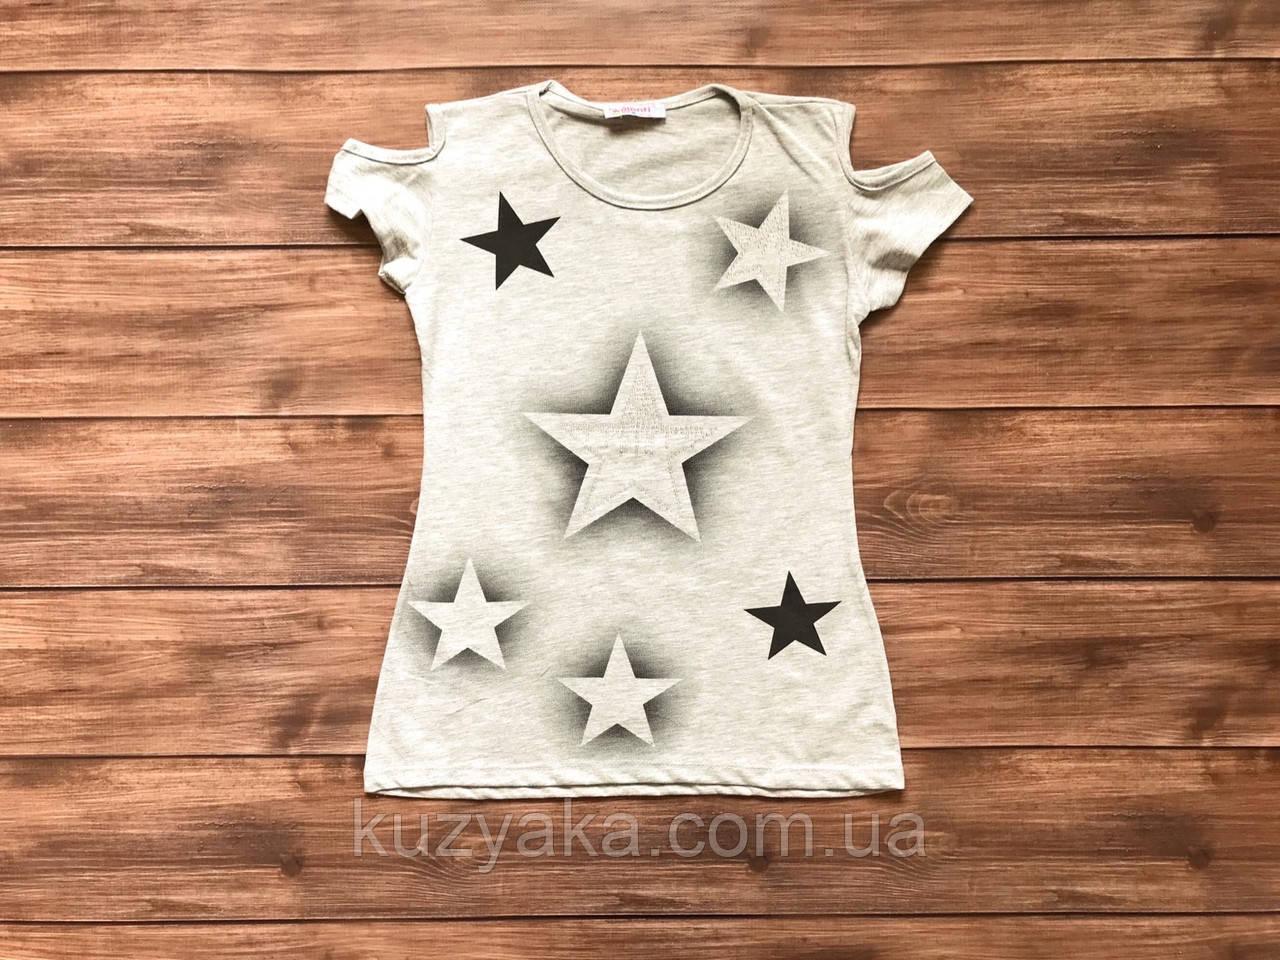 Стильна футболка для дівчинки  підлітка на 14-17 років